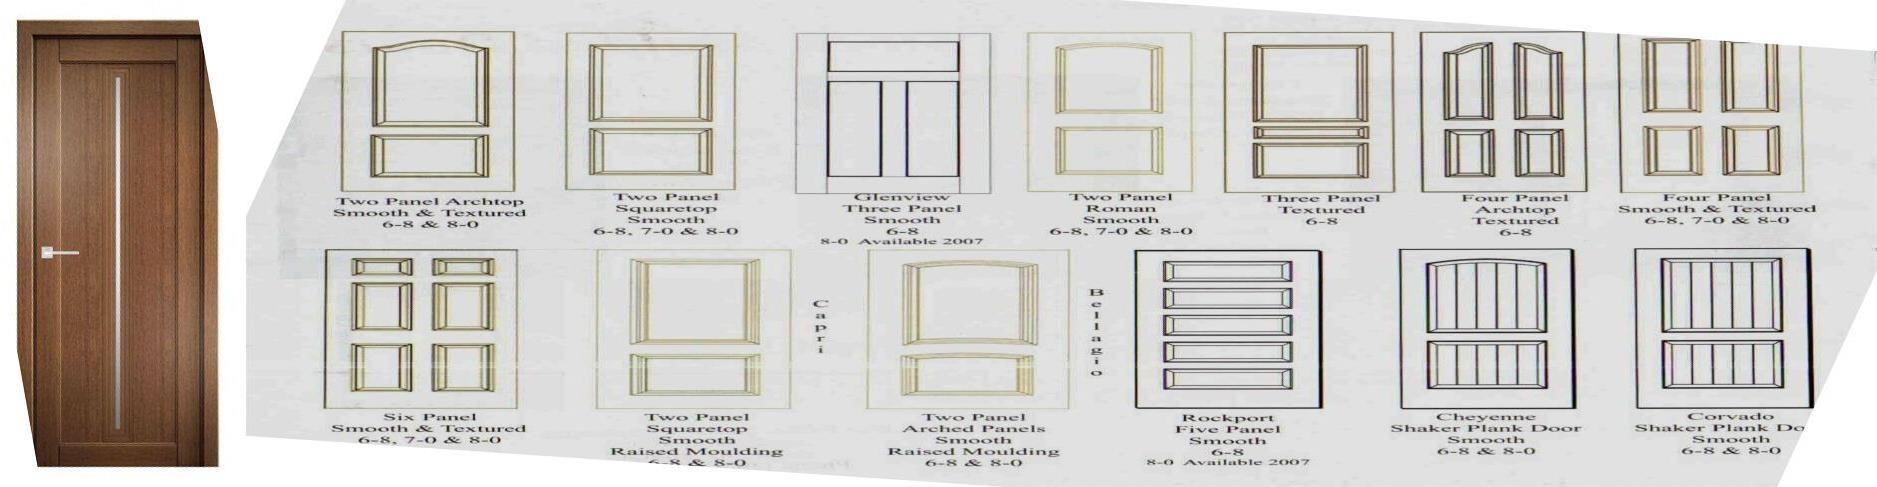 Hollow Core Interior Doors   French Patio Doors   Inside Doo…